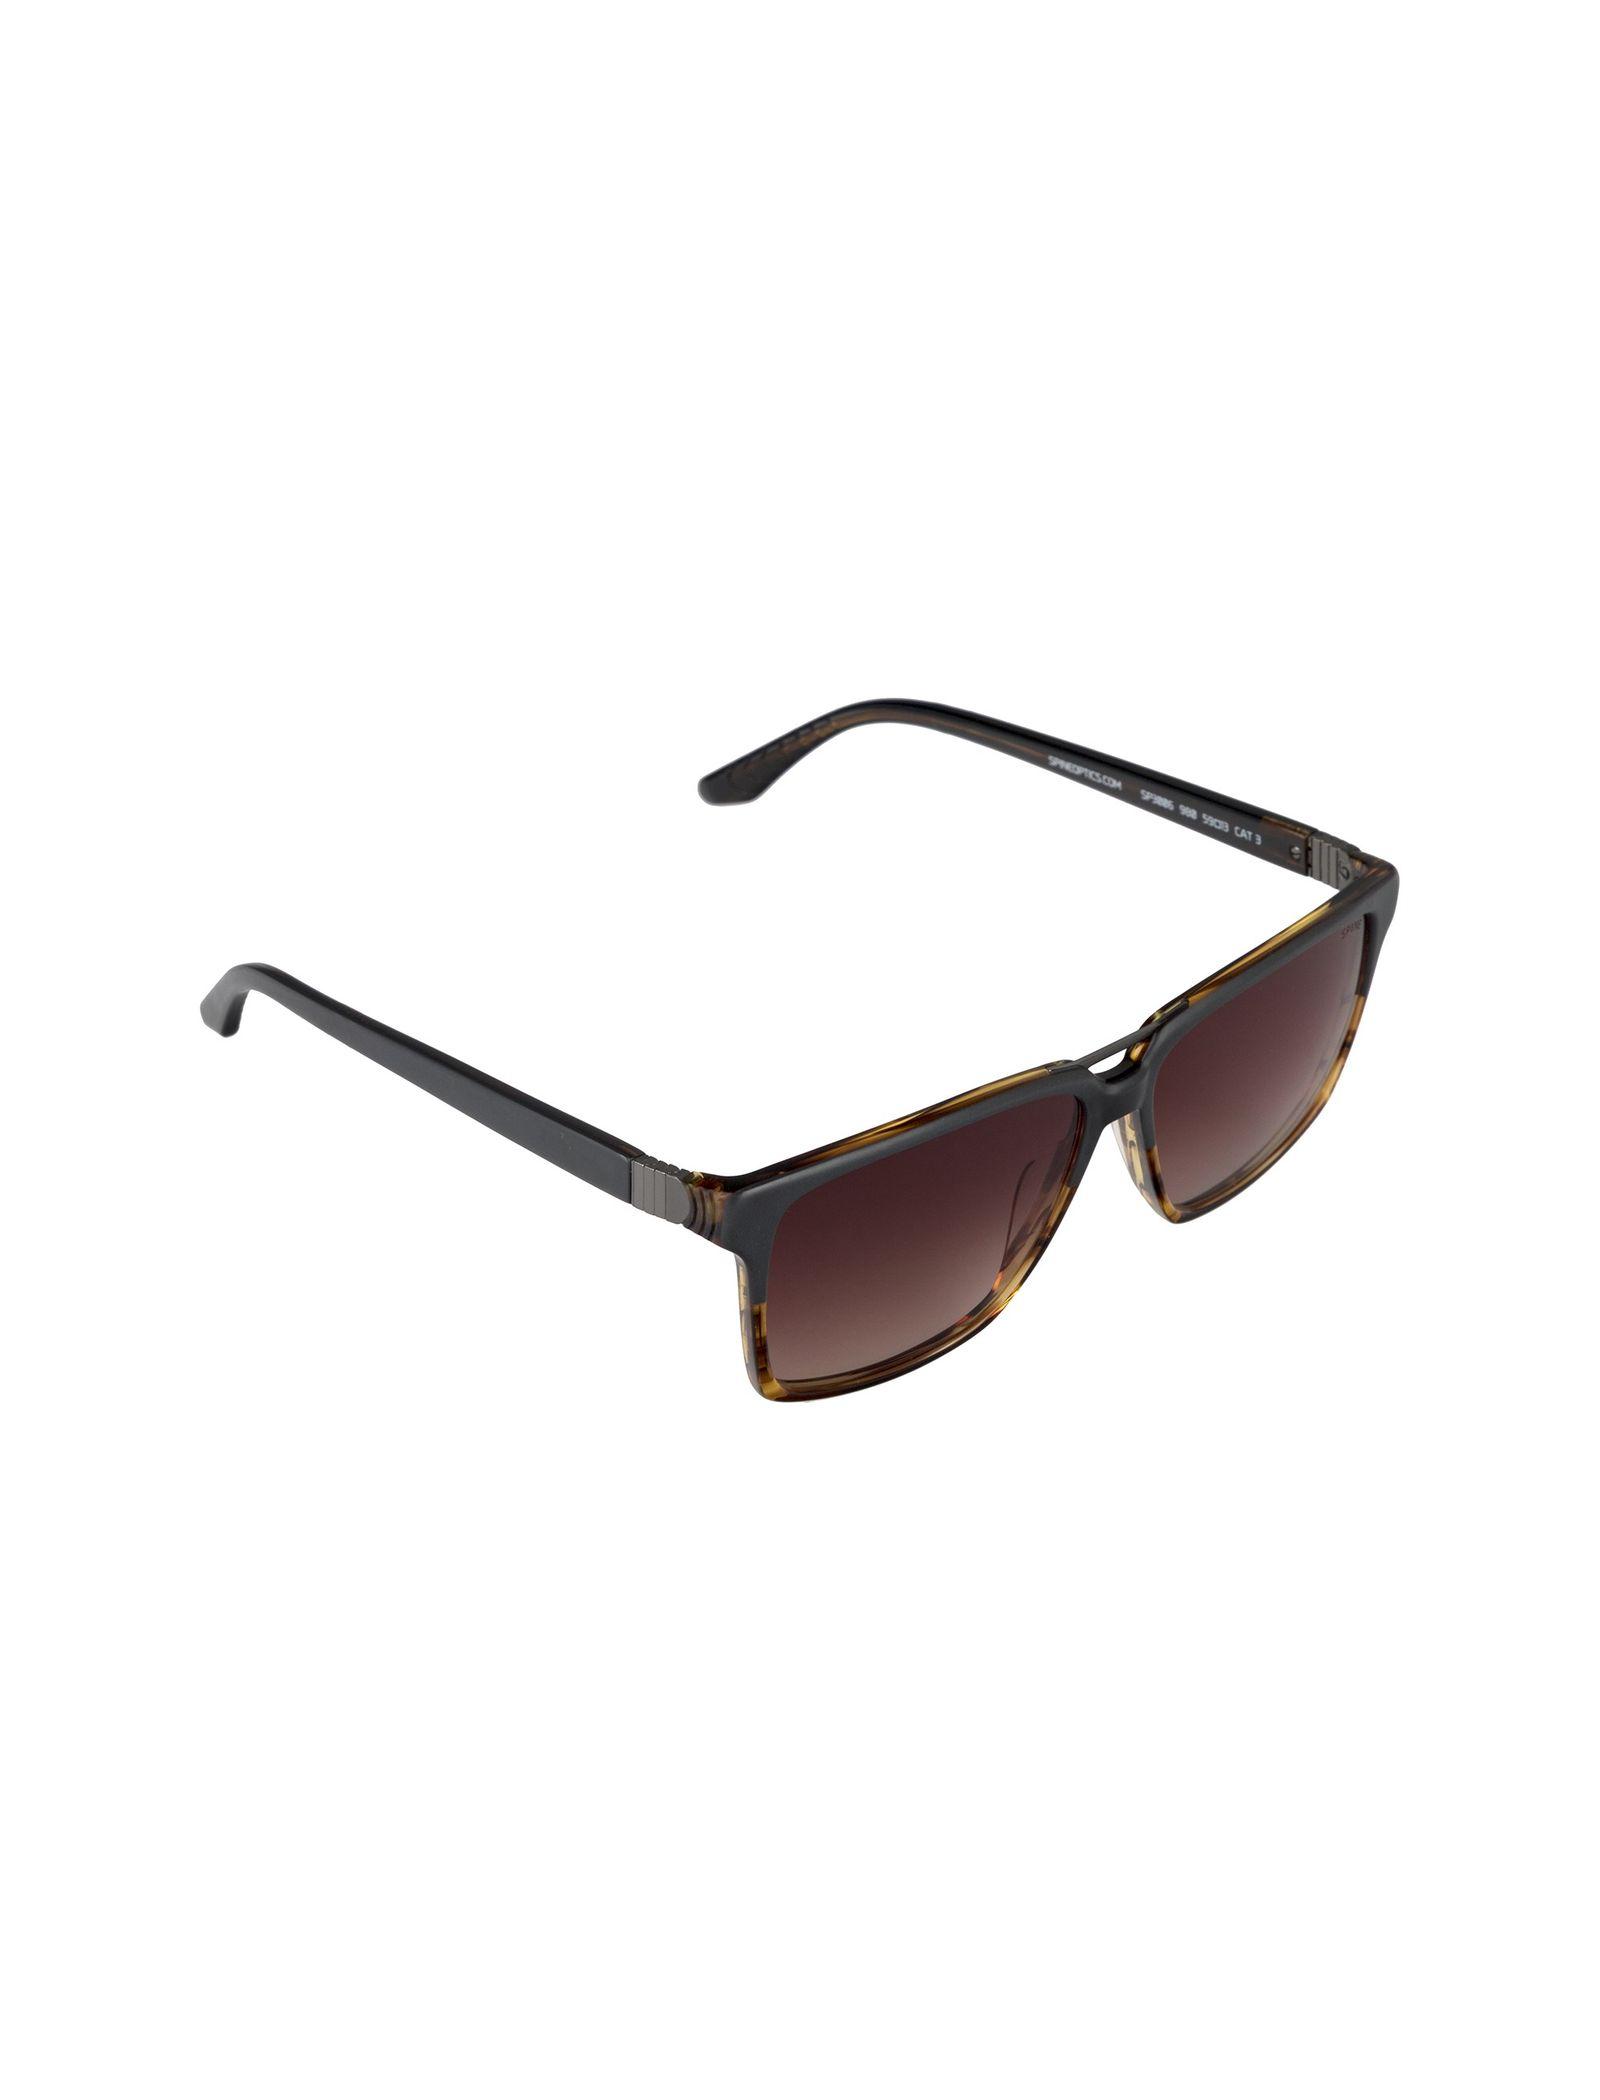 عینک آفتابی ویفرر مردانه - اسپاین - طوسي و قهوه اي - 2